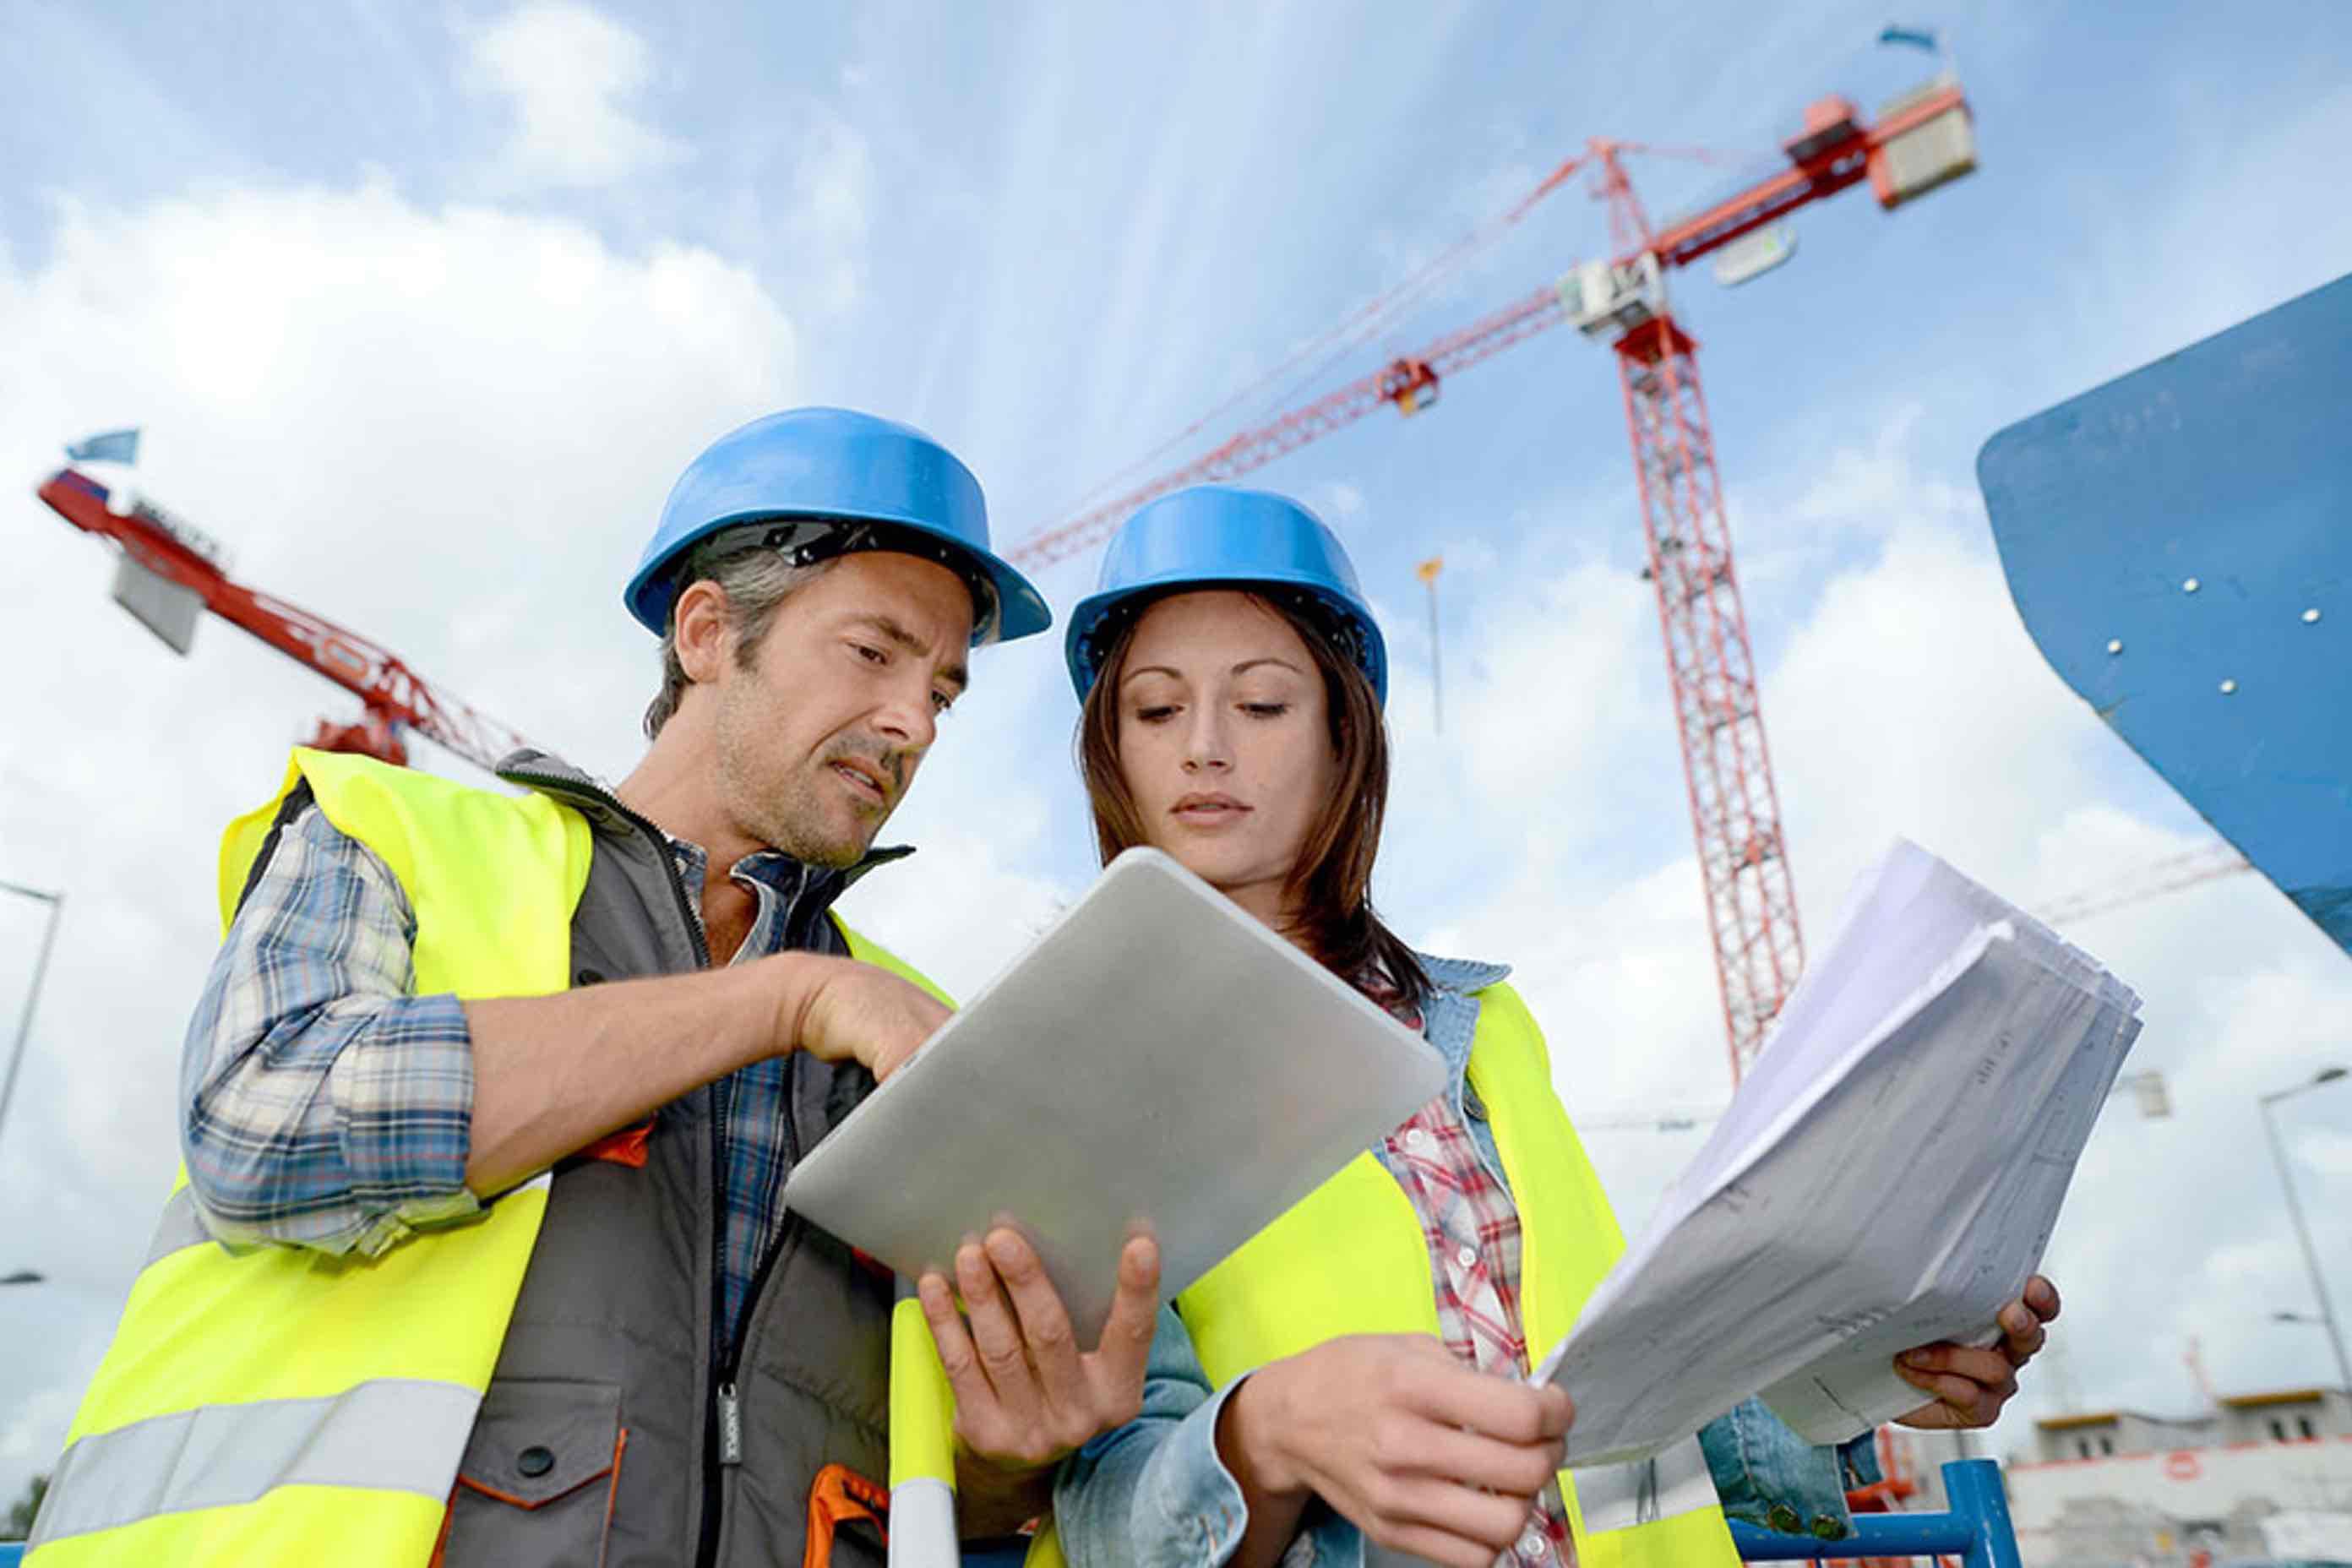 Требования промышленной безопасности при эксплуатации подъемных сооружений